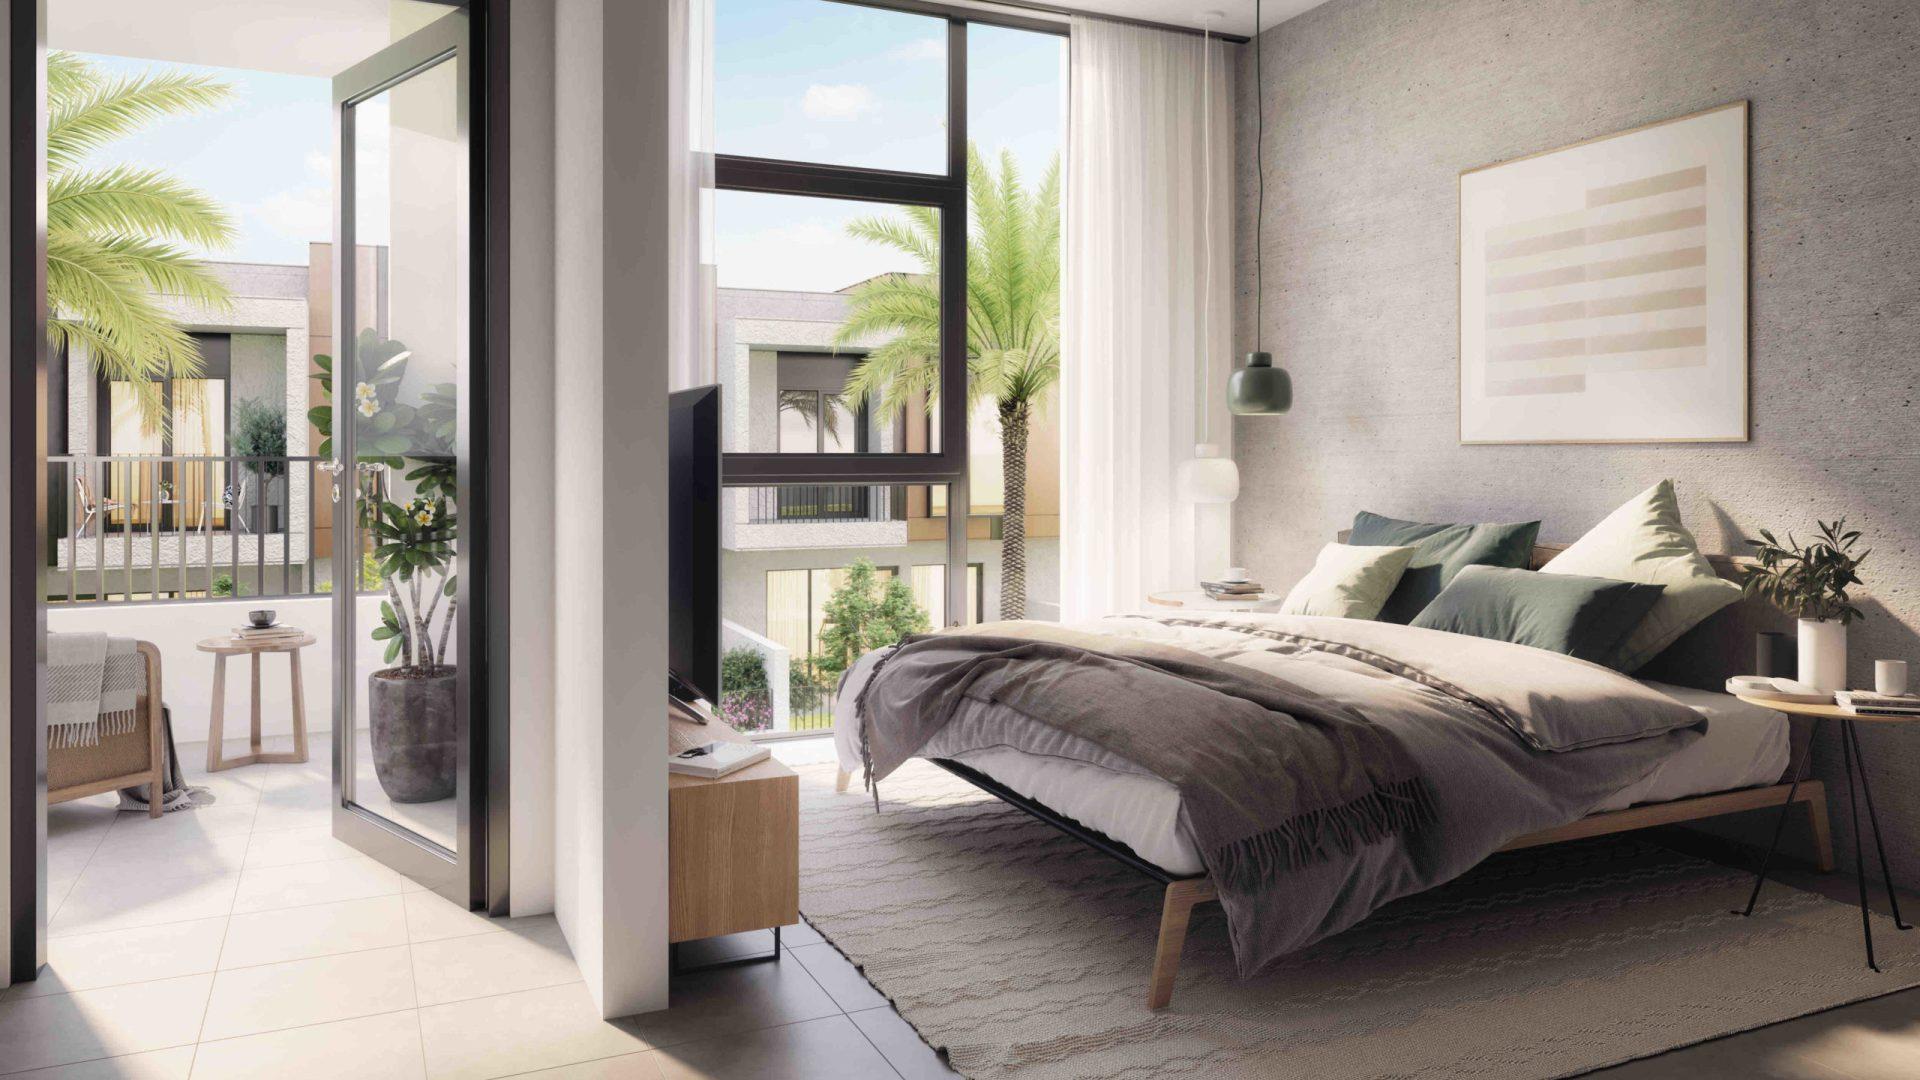 Villa en venta en Dubai, EAU, 3 dormitorios, 180 m2, № 24246 – foto 6